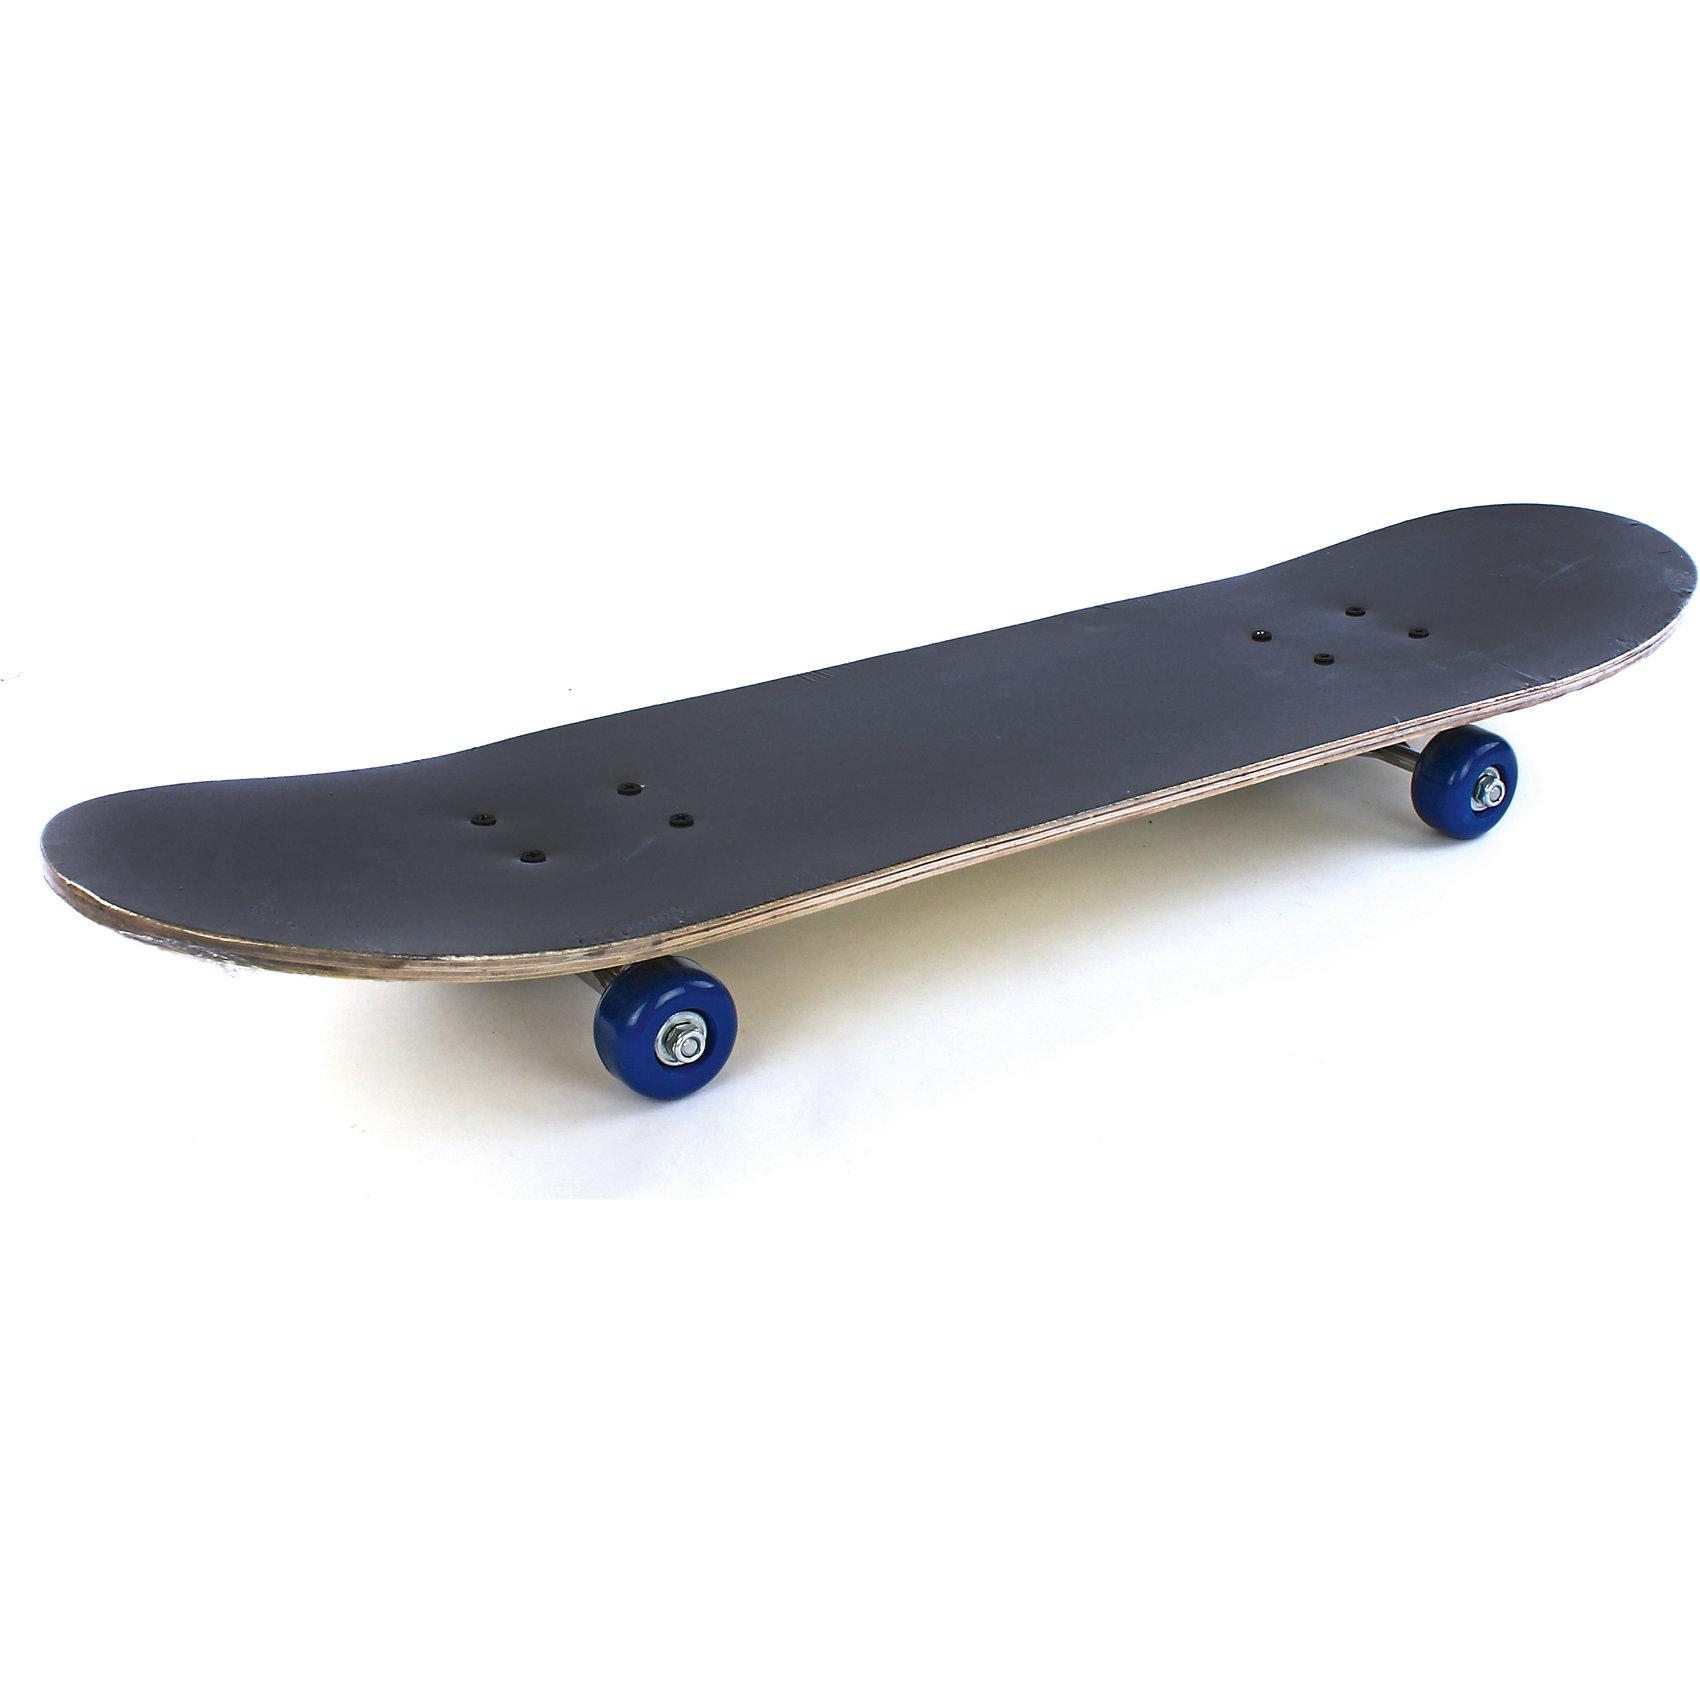 все виды скейтбордов фото и название озеленение территории формирует